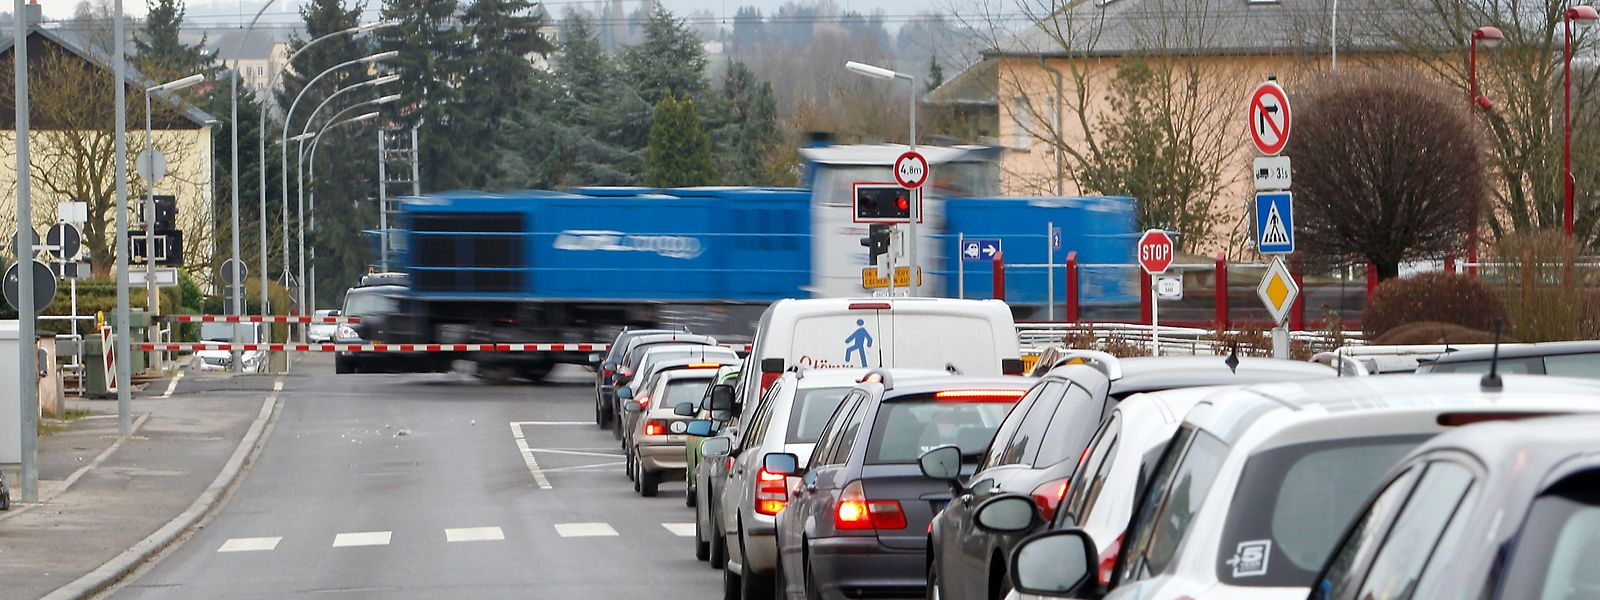 Die Bahnschranke in Dippach-Gare sorgt täglich für erhitzte Gemüter bei den Autofahrern und Anwohnern.